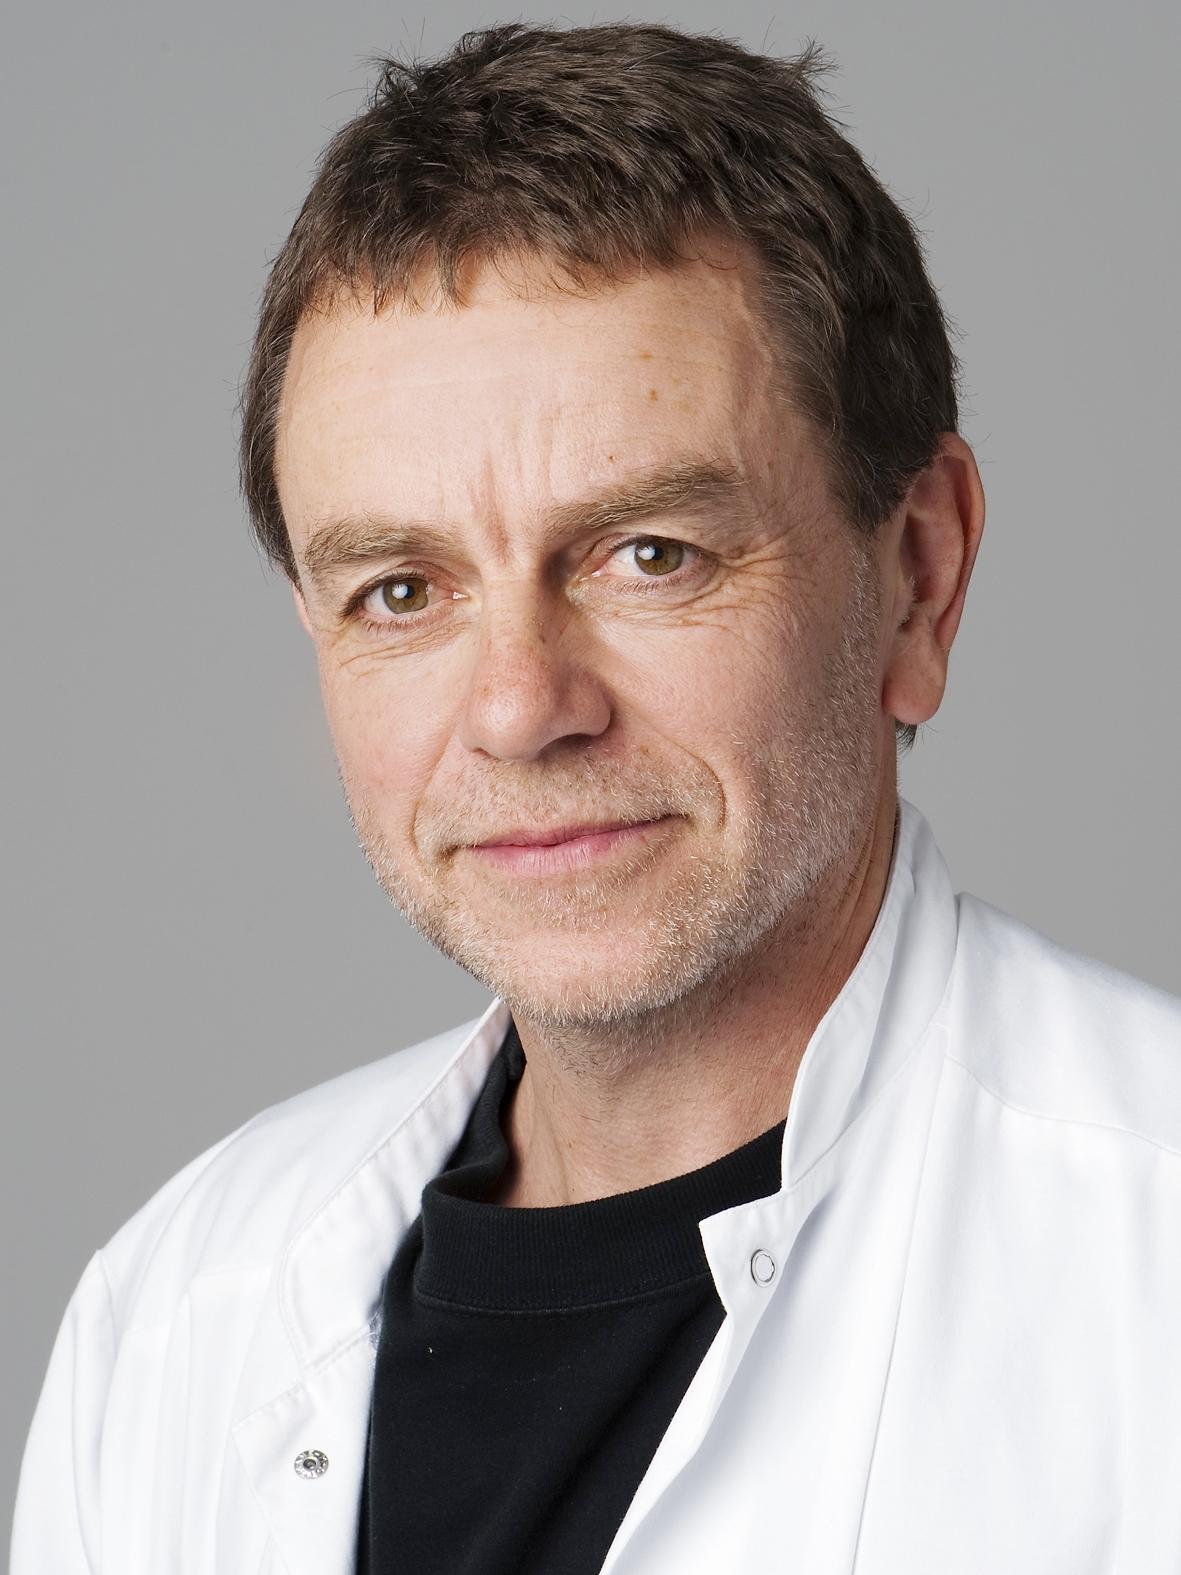 Henrik_foto.JPG